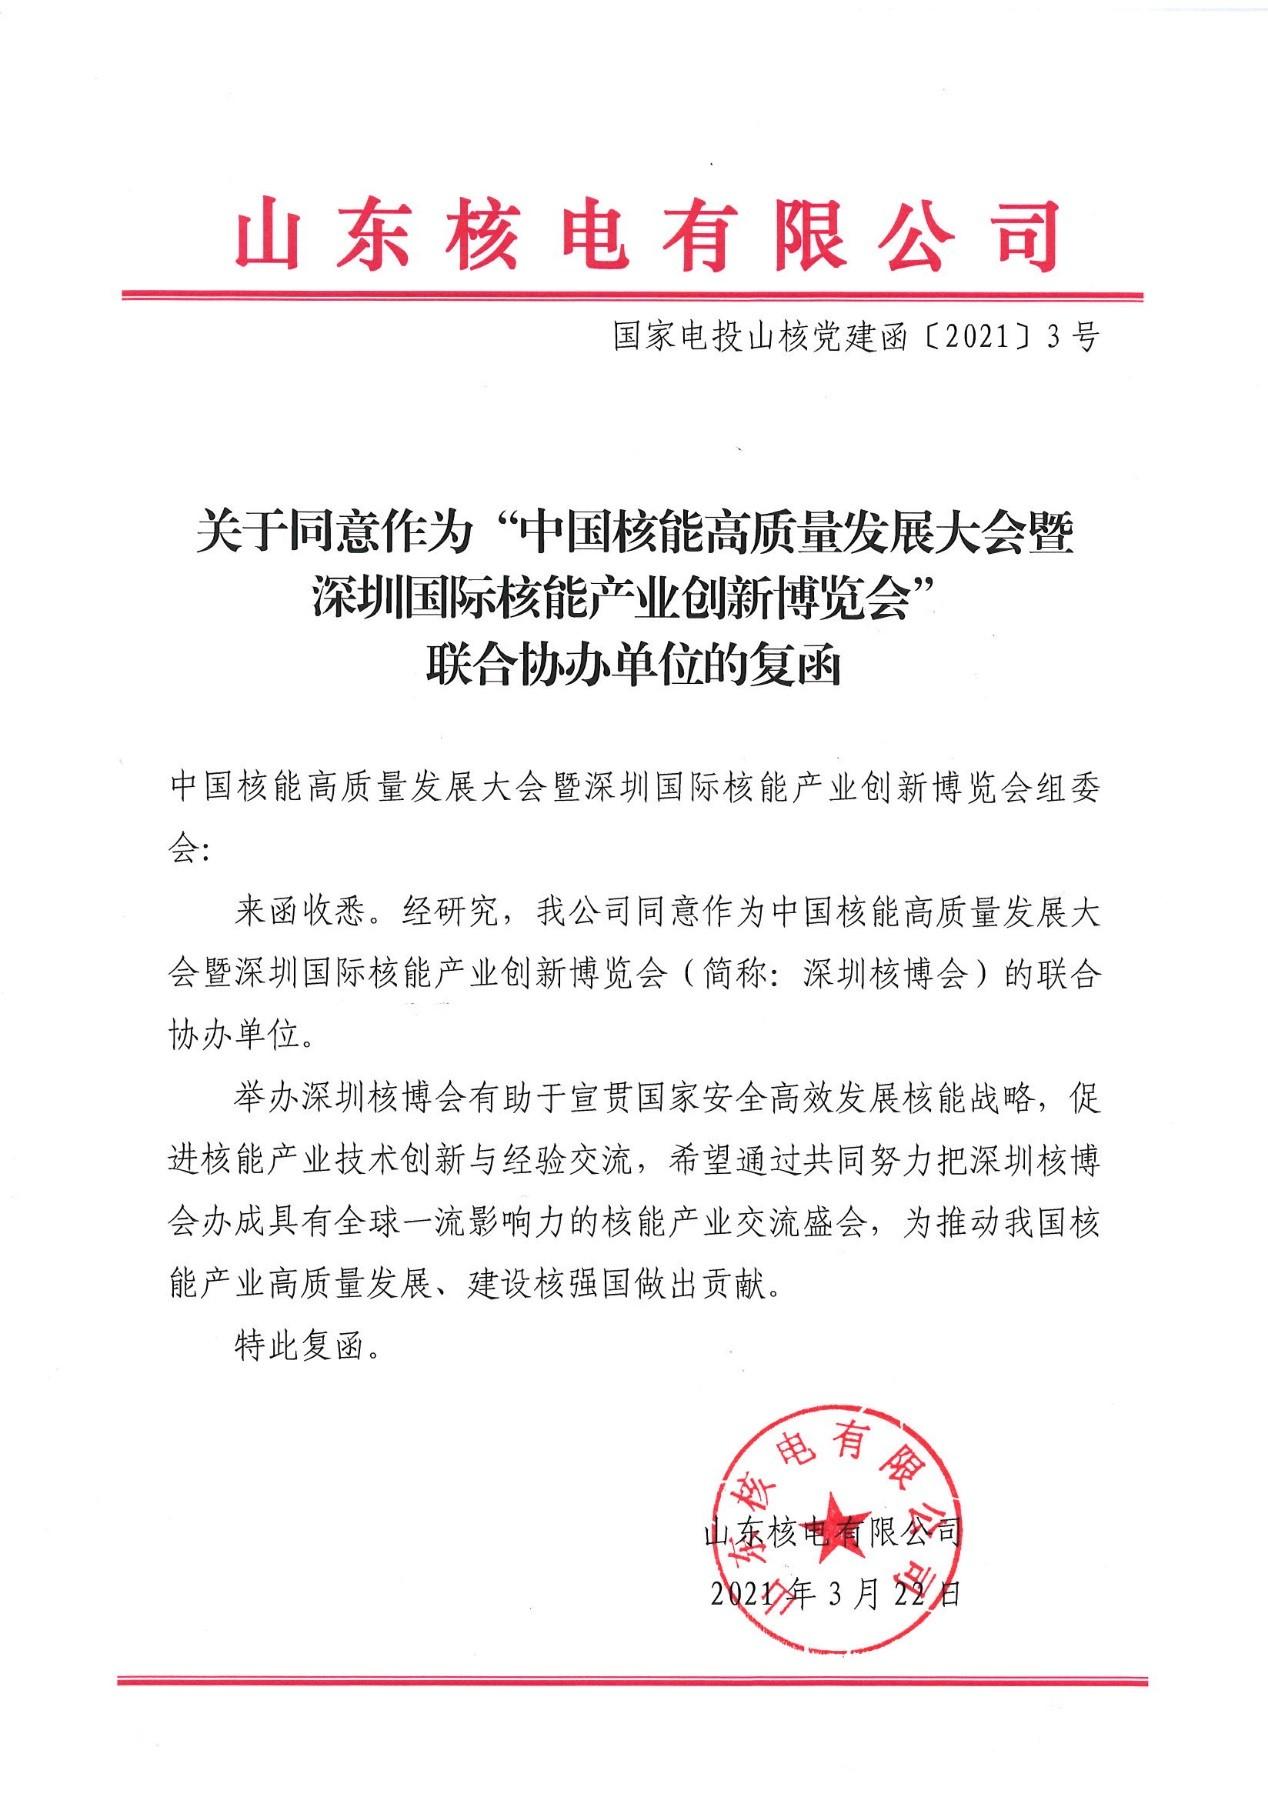 山東核電將參與協辦2021深圳核博會